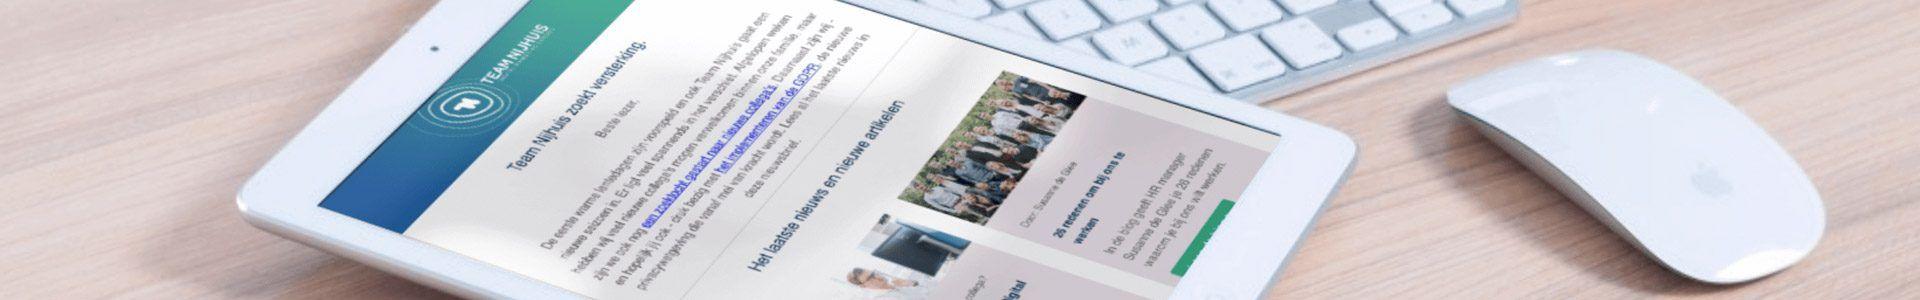 Aanmelden nieuwsbrief Team Nijhuis digital marketing experts